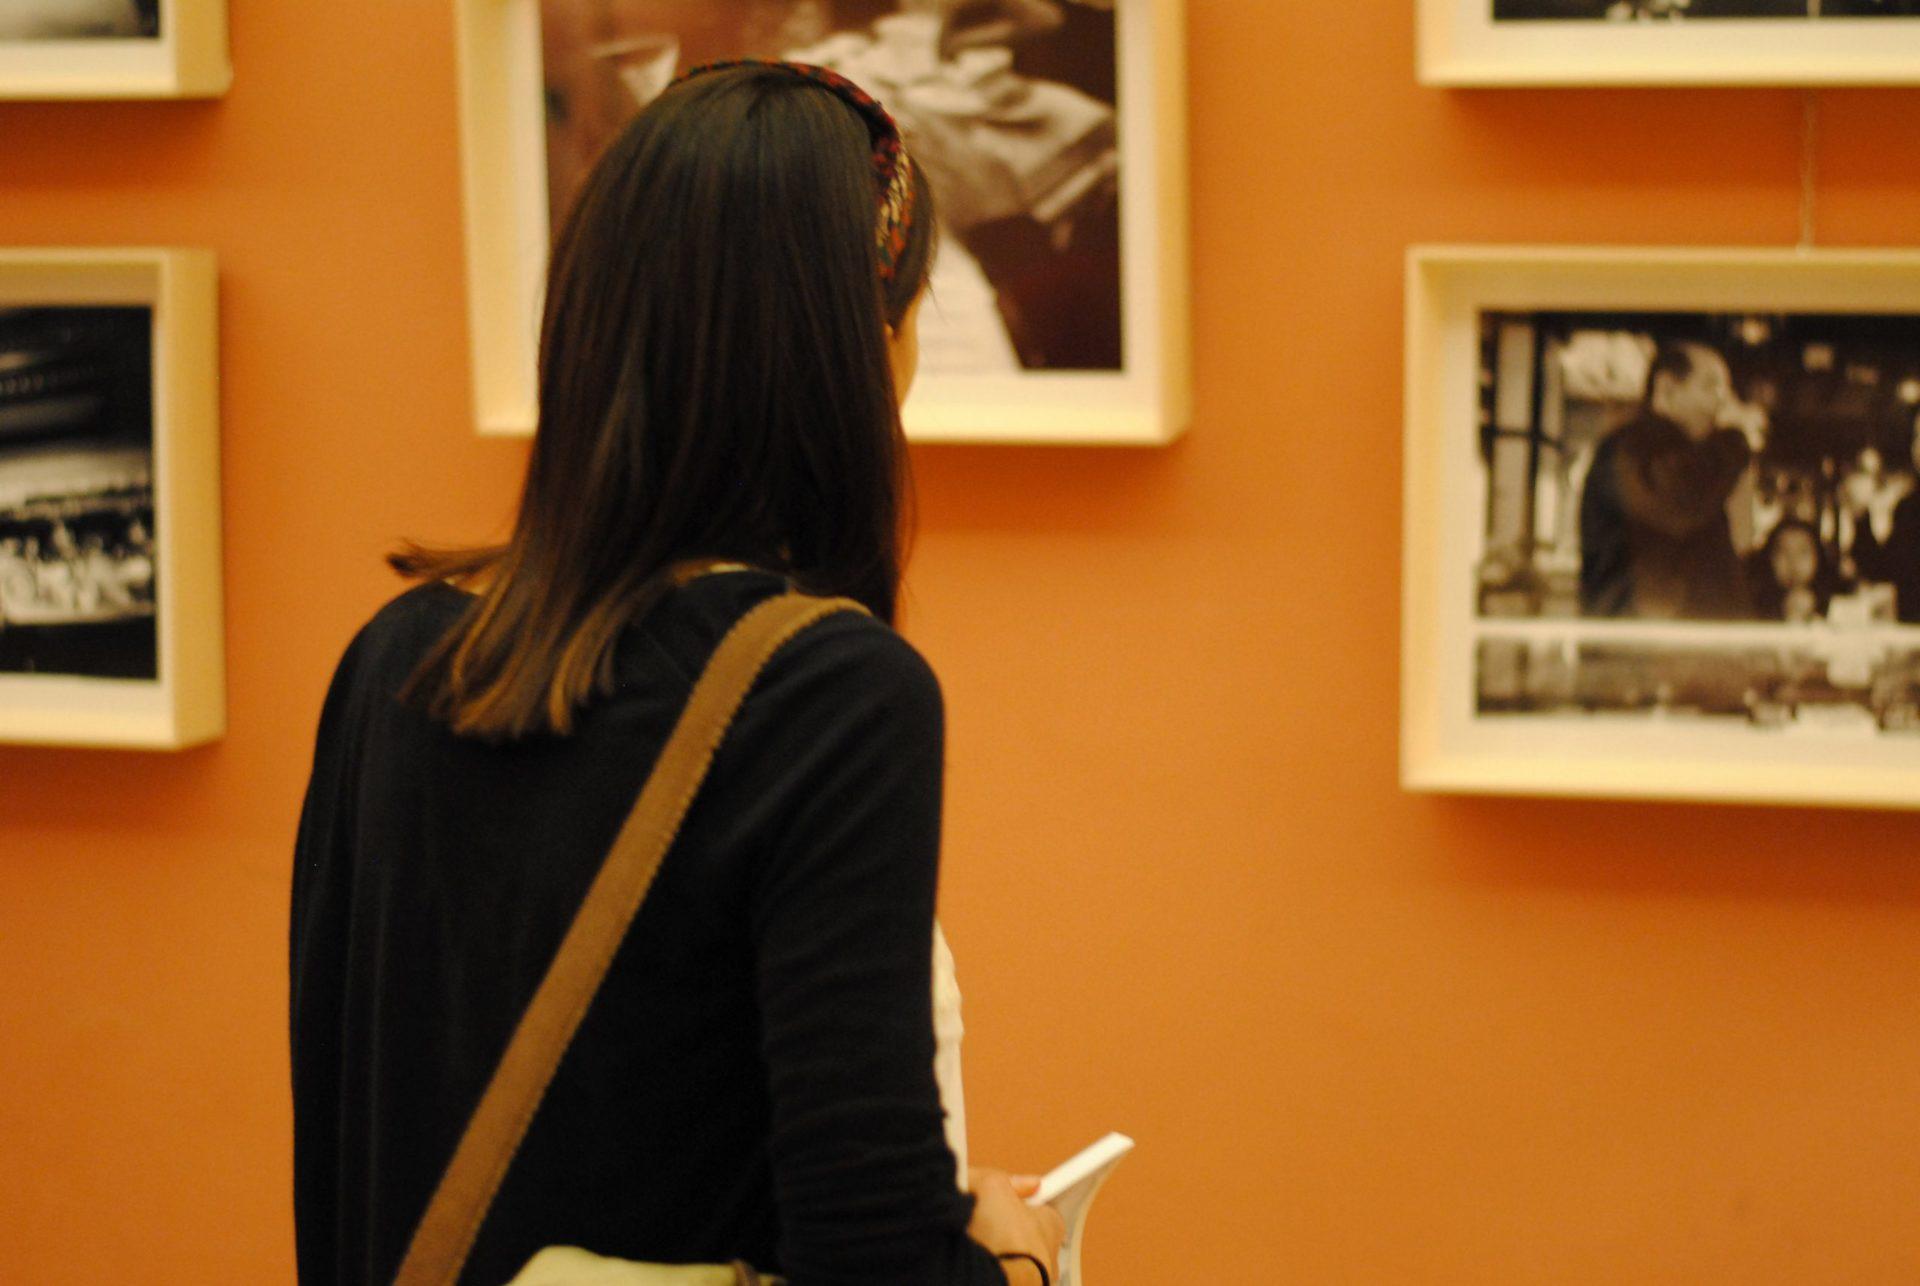 Photofestival17 Mostra Faema a Palazzo Bovara 2 scaled - Milano Photofestival